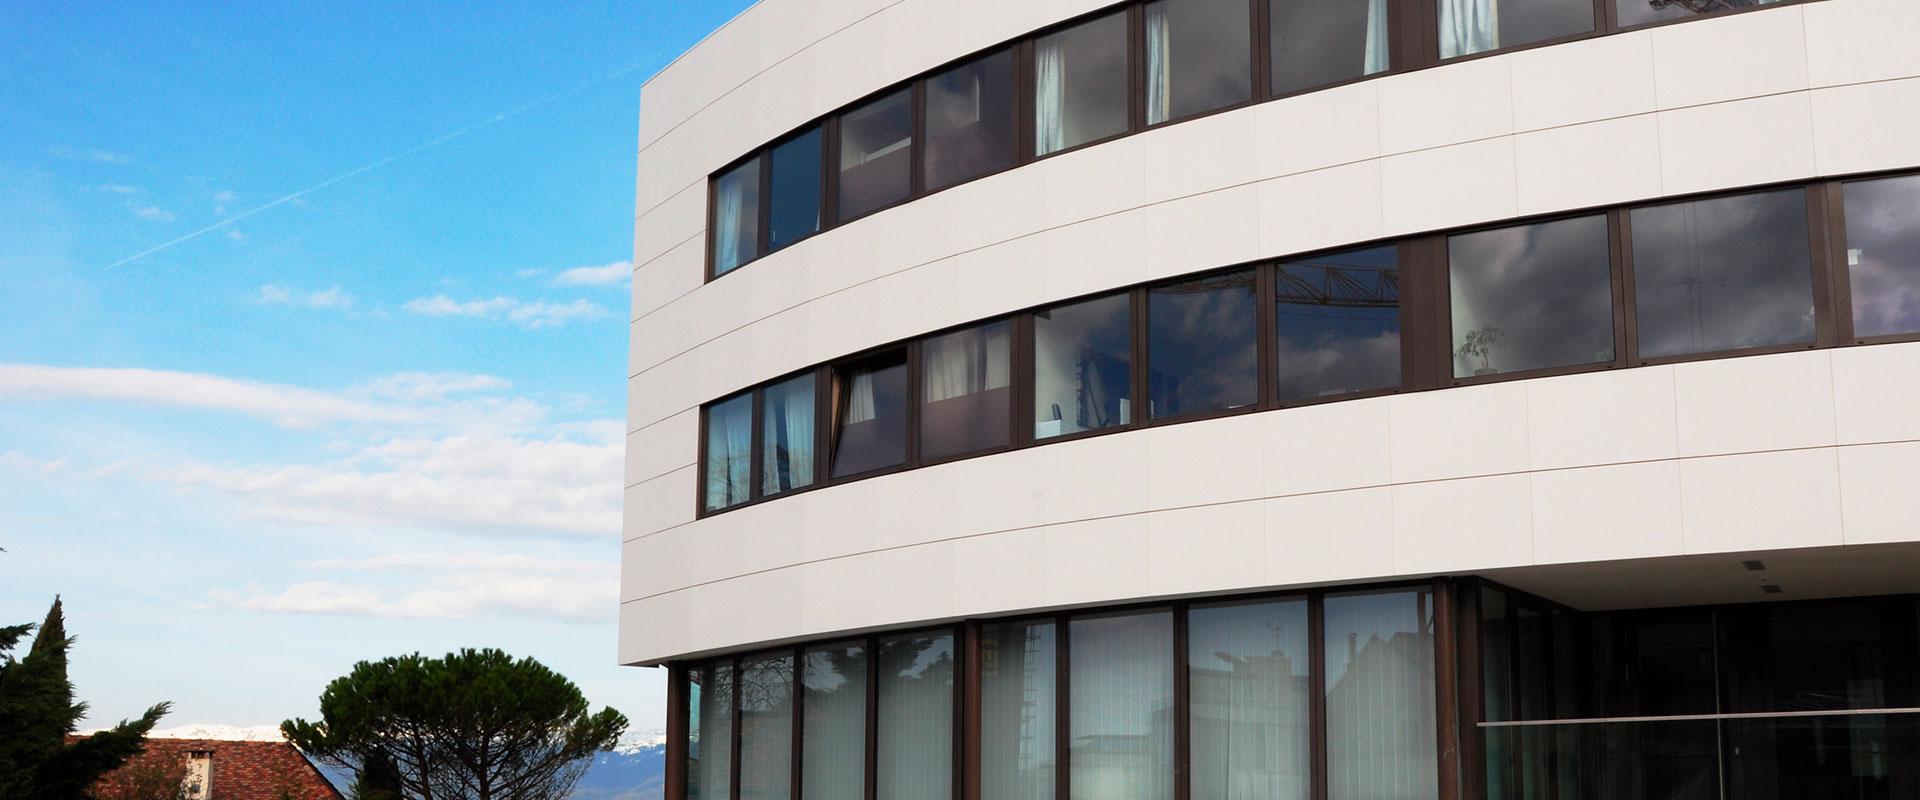 AGGLOTECH-progetto-centro-direzionale-svizzera-slider-2